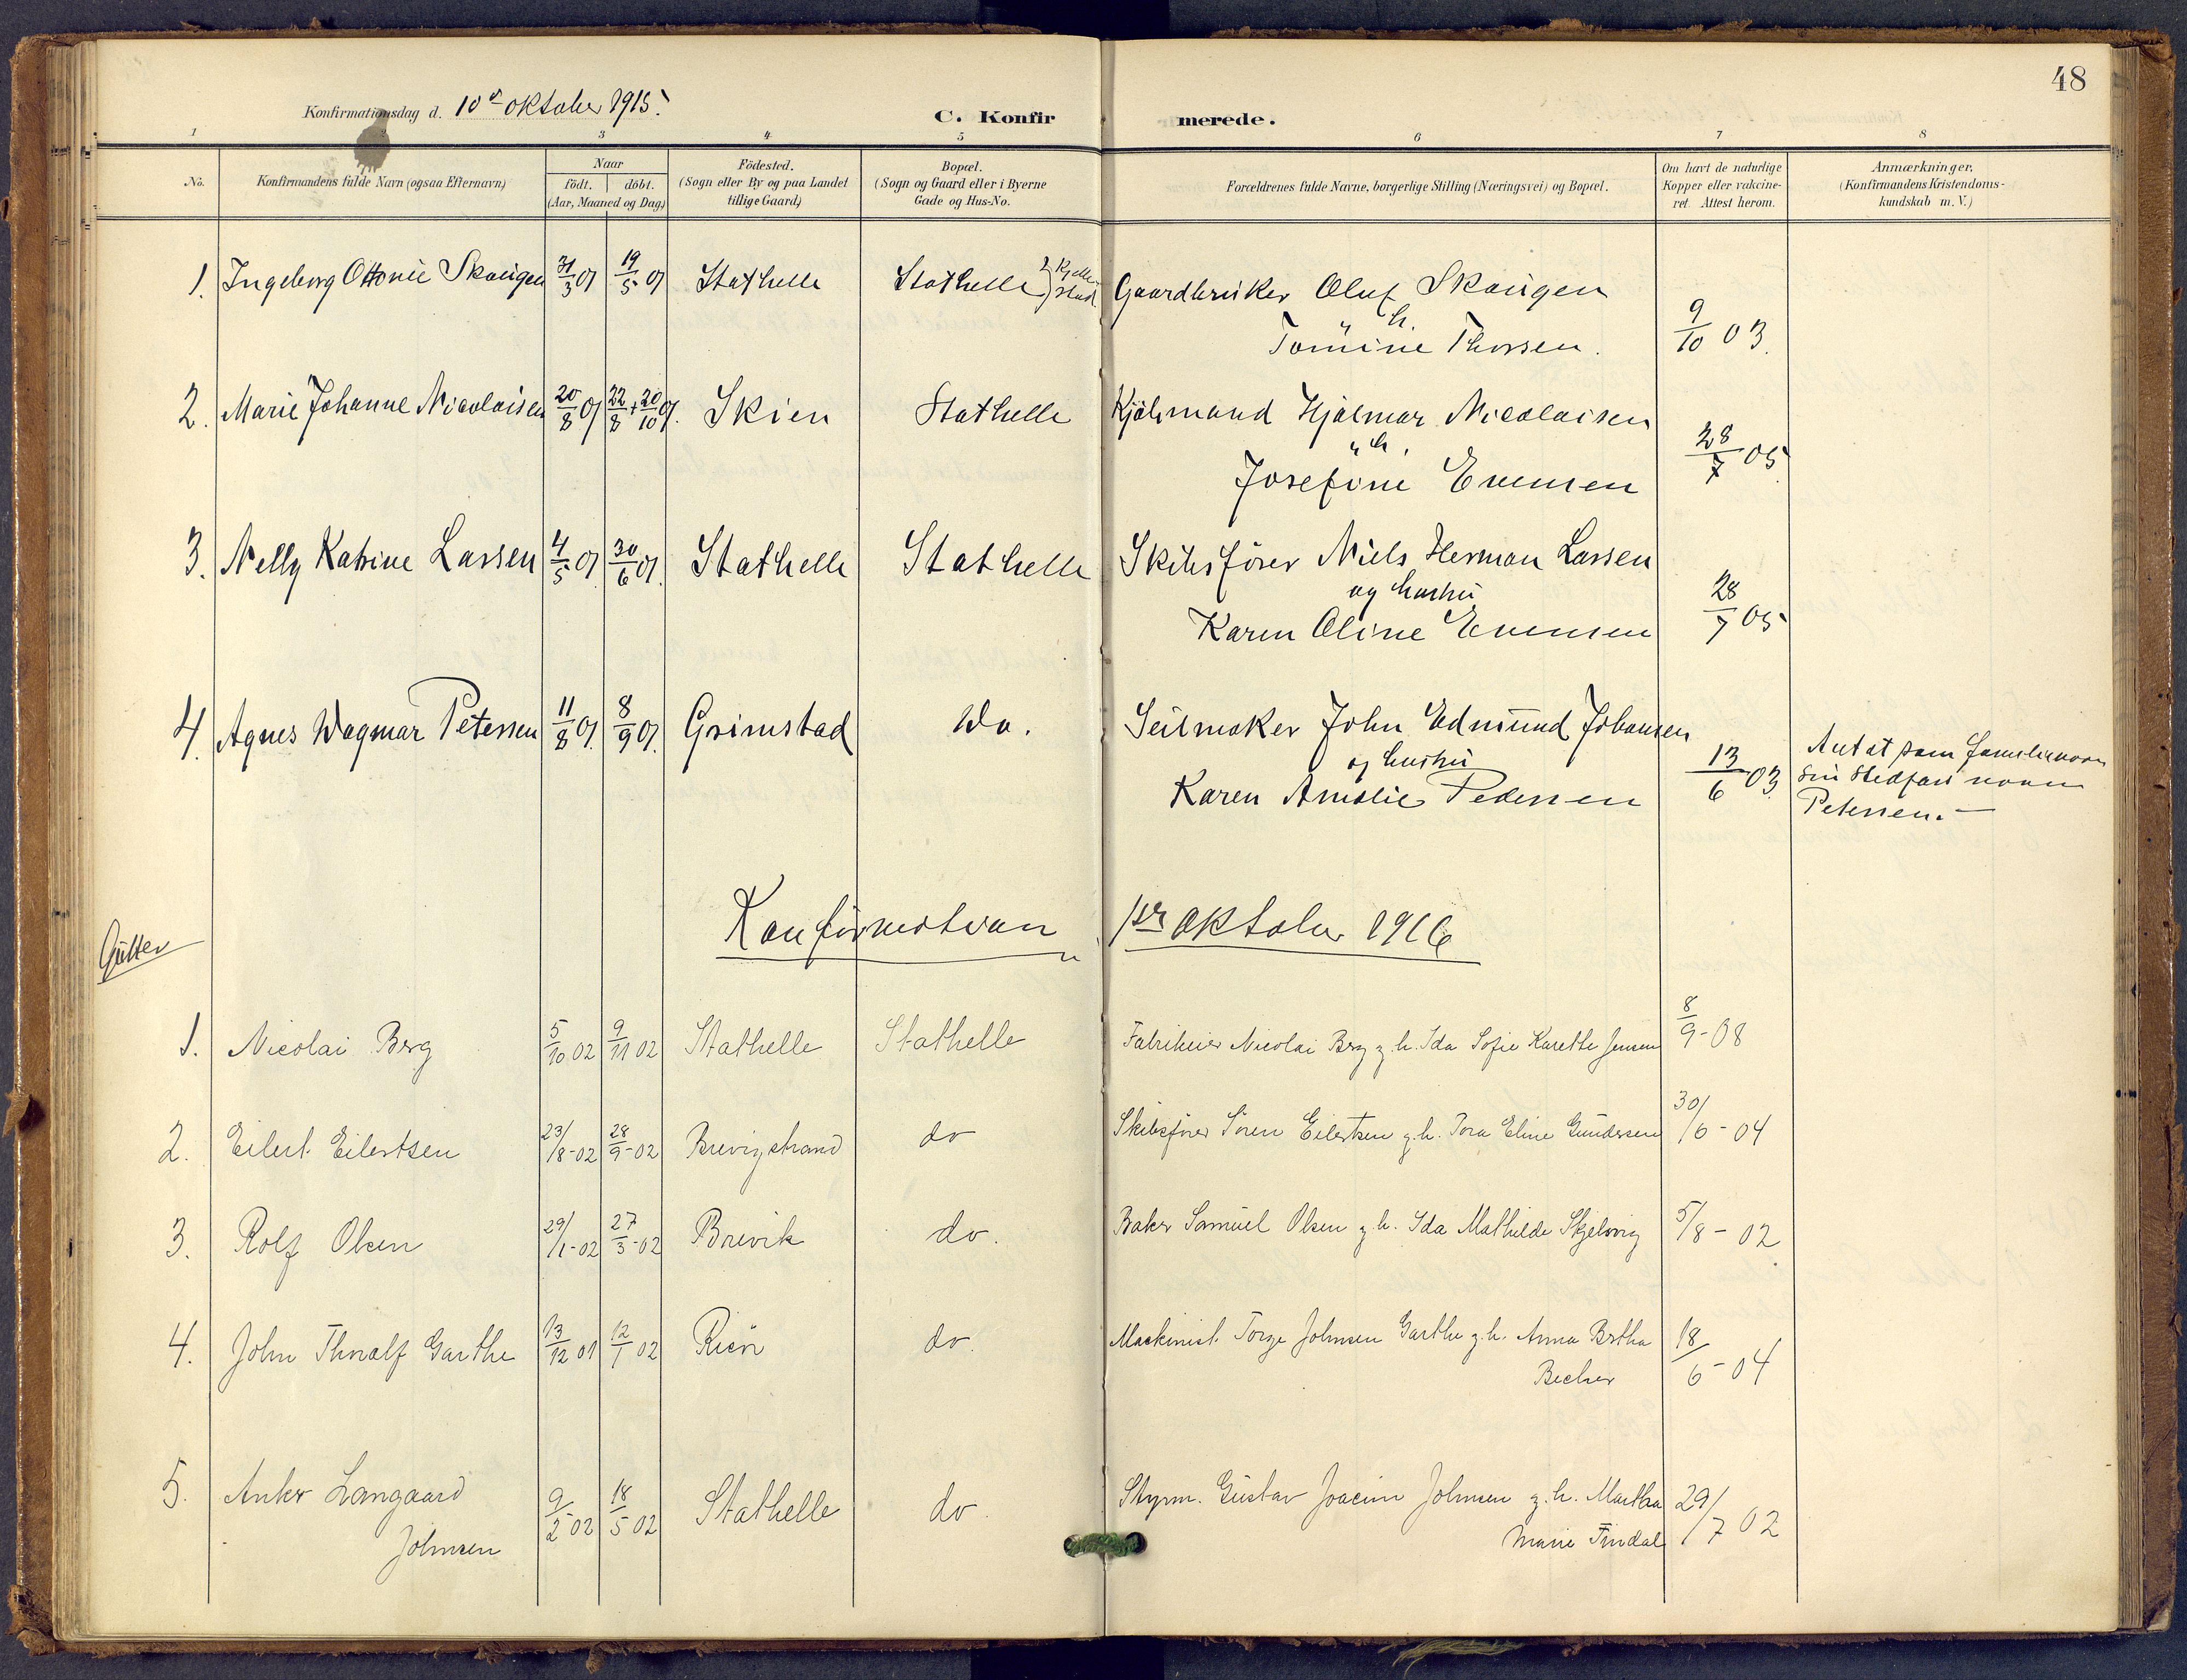 SAKO, Bamble kirkebøker, F/Fb/L0002: Ministerialbok nr. II 2, 1900-1921, s. 48